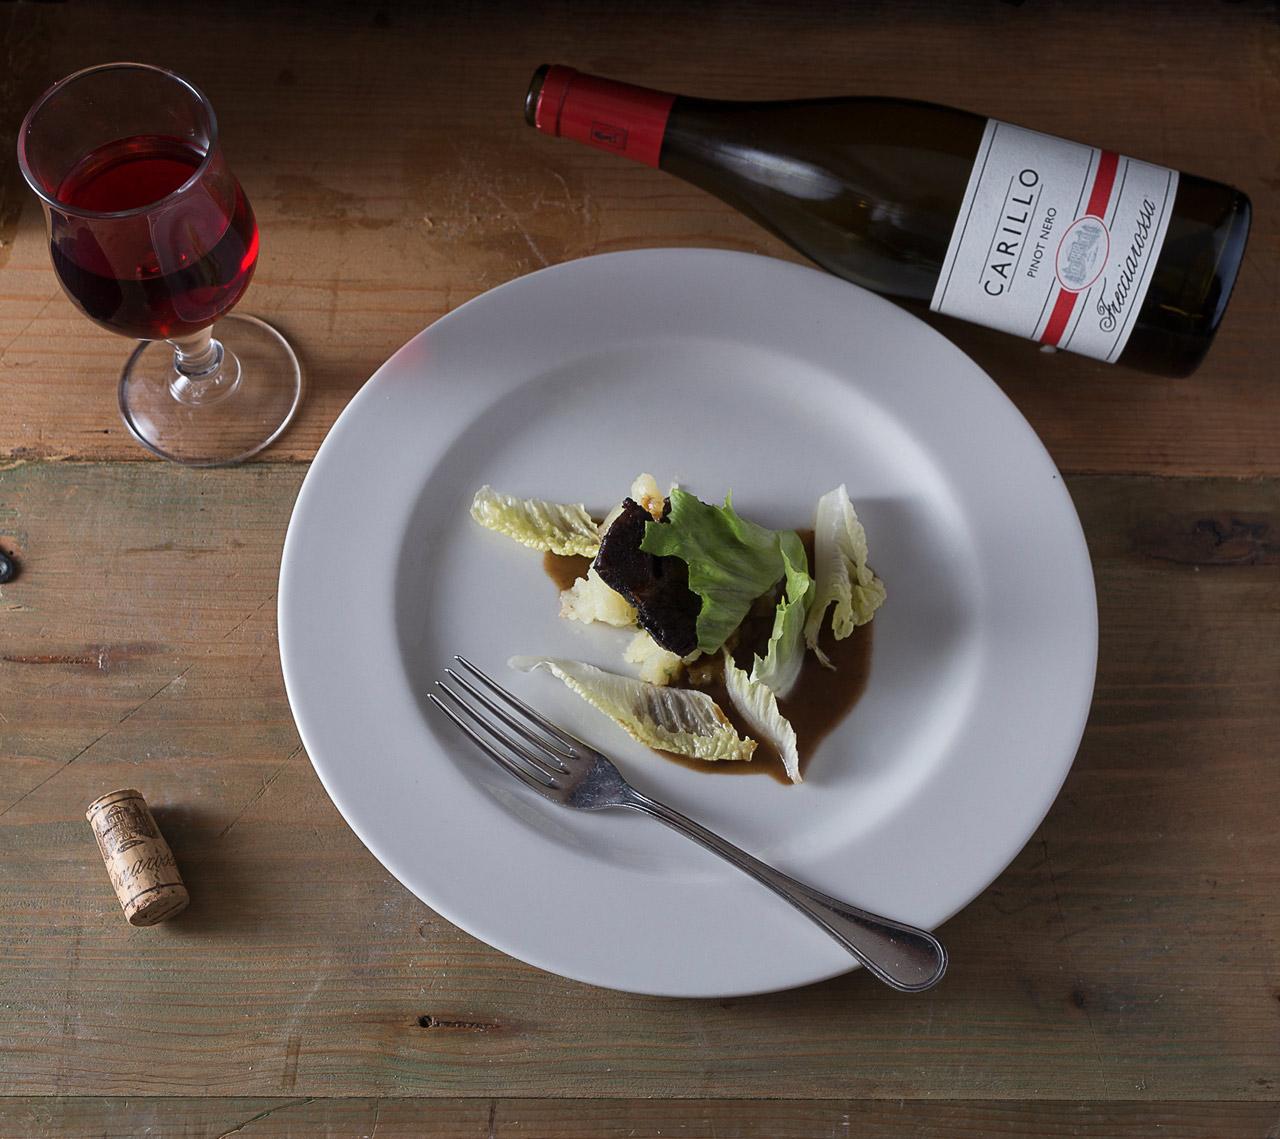 Guancia di manzo brasata alla birra Hordeum ERA accompagnata dal Pinot Nero Carillo Freccia Rossa